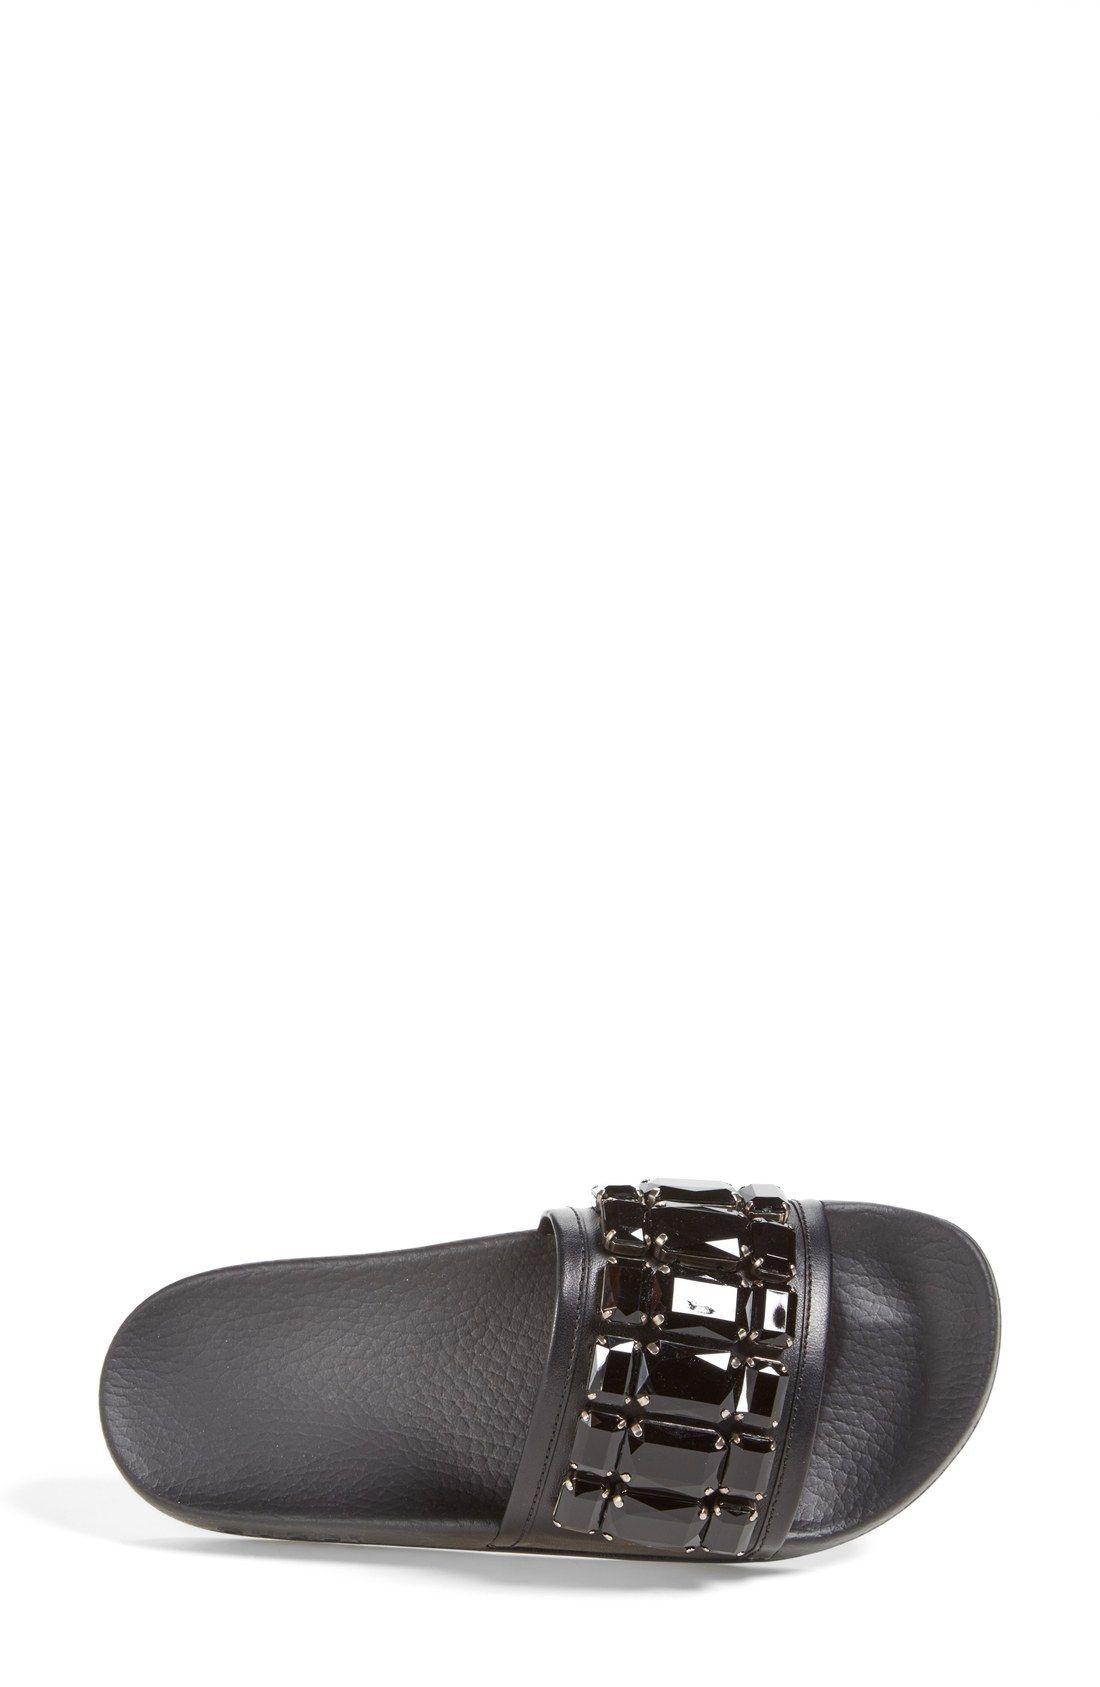 66c642538439 Gucci  Pursuit  Slide Sandal (Women)   Fits   Pinterest   Sandals ...